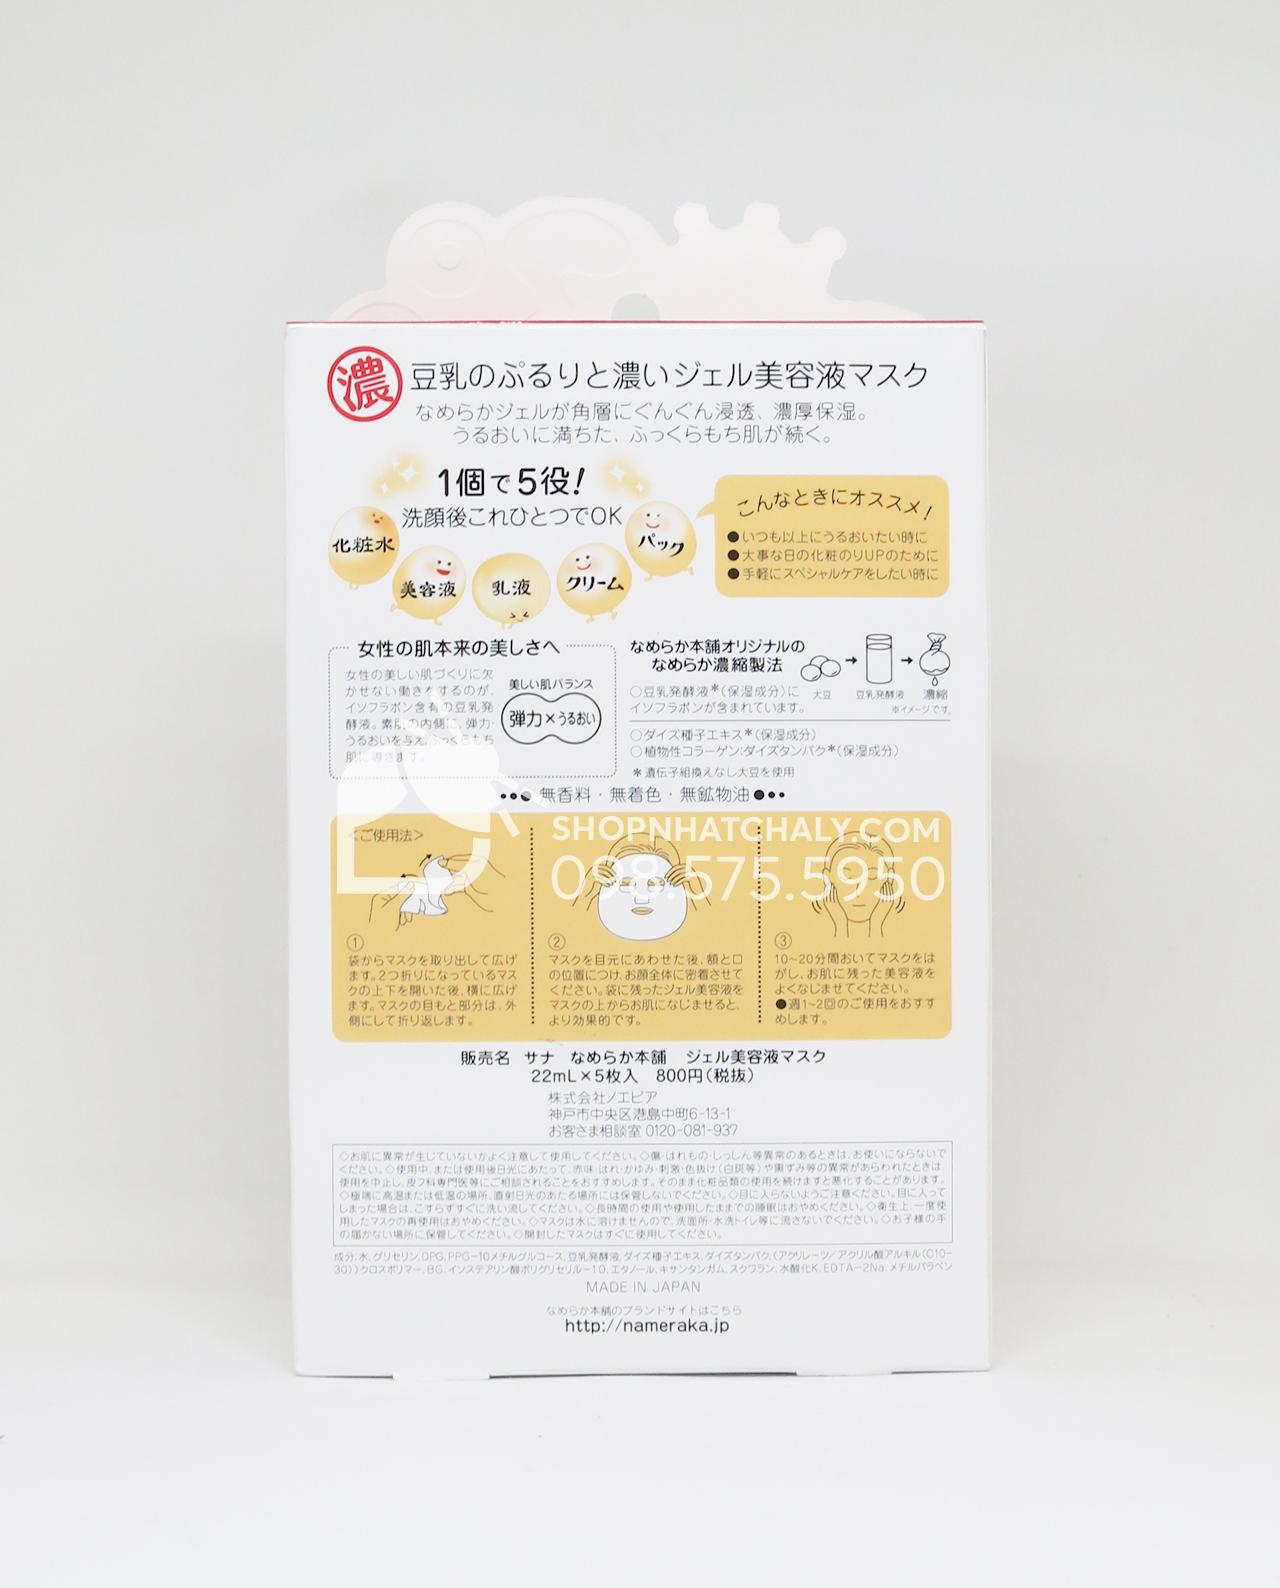 Mặt nạ đậu nành Sana Tonyu Isoflavone Nhật Bản - thông tin sản phẩm